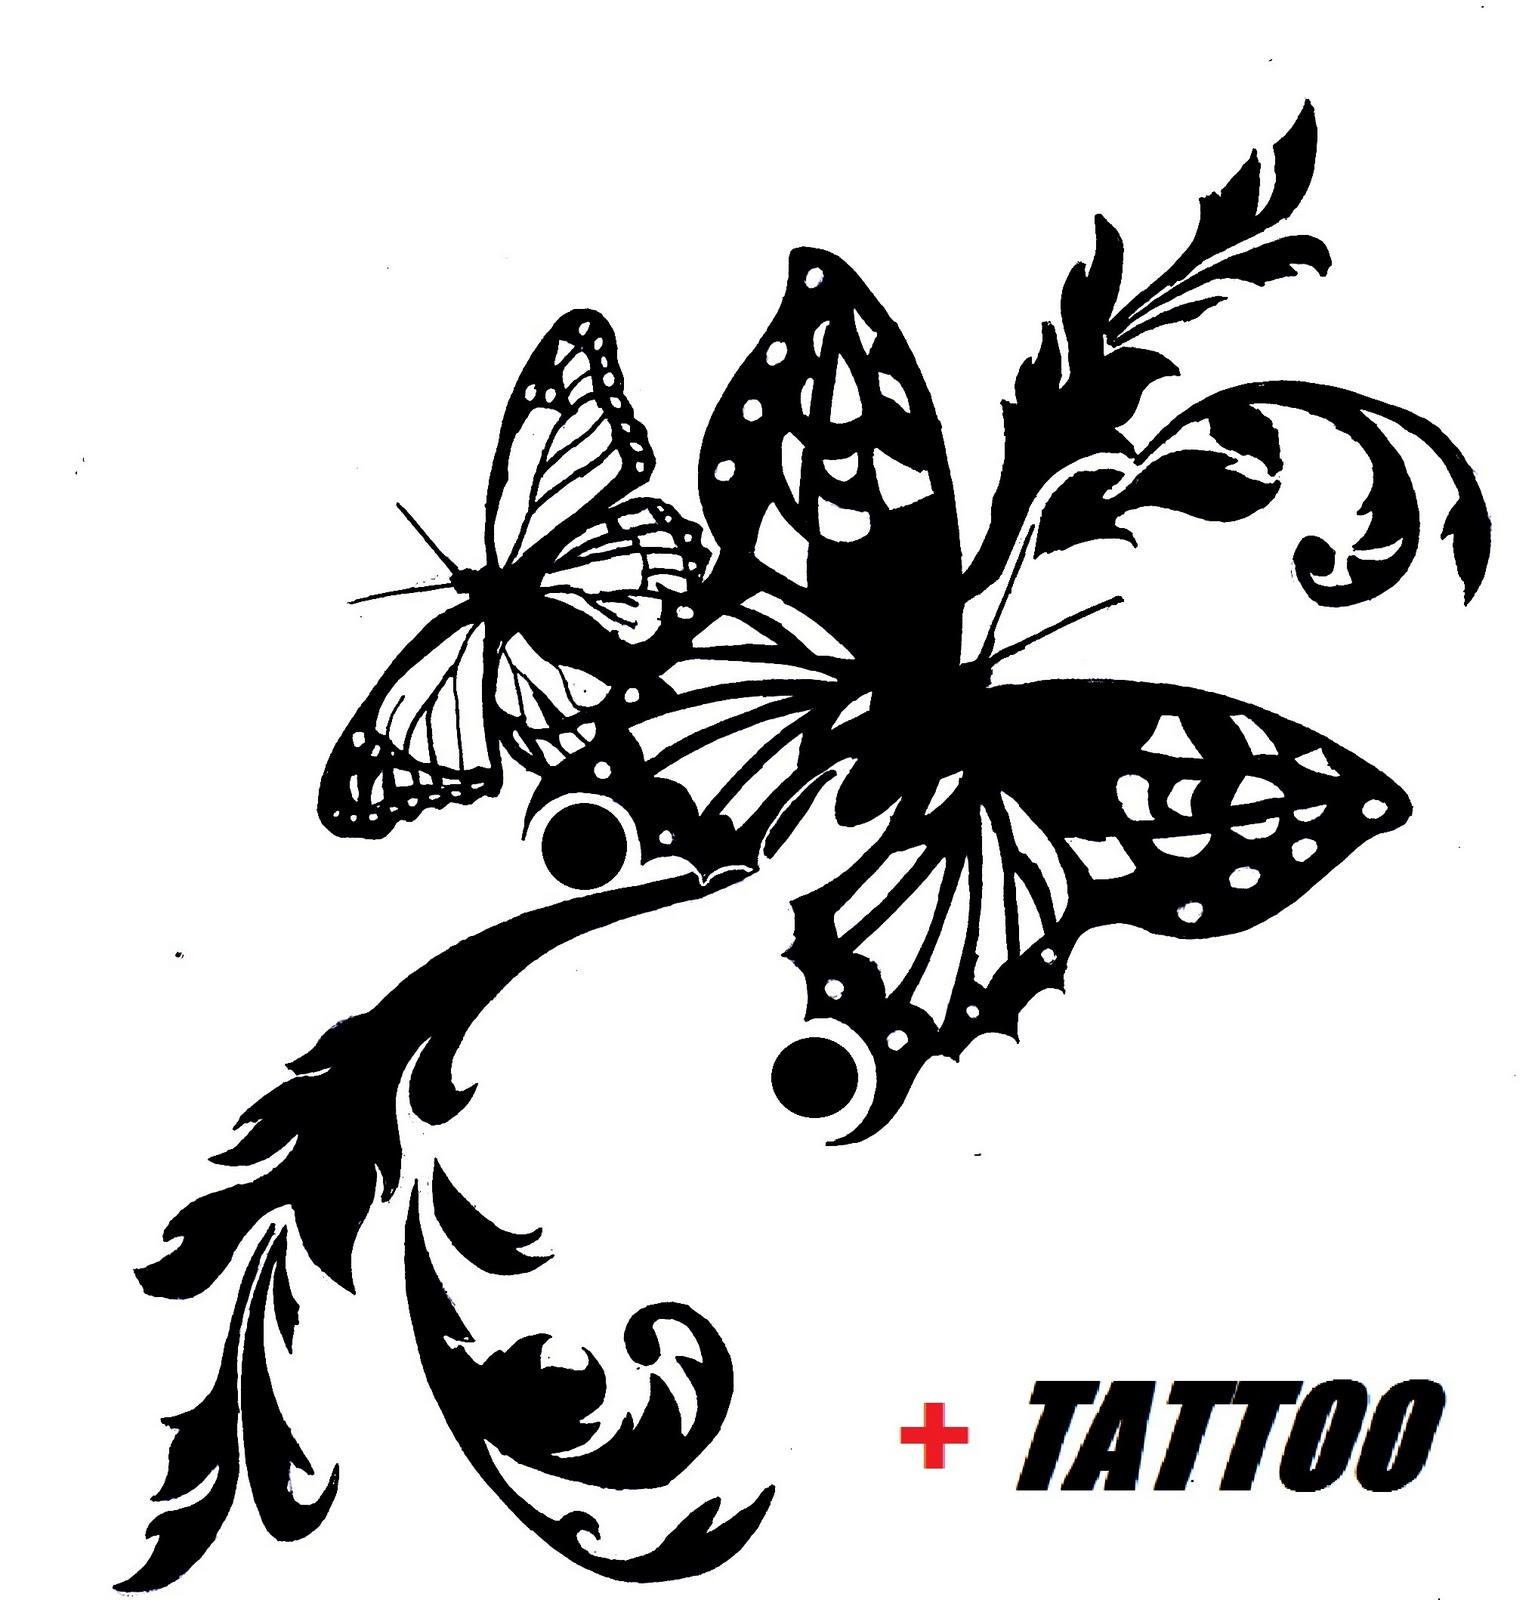 TATTOO: Mariposas ( + Tattoo )